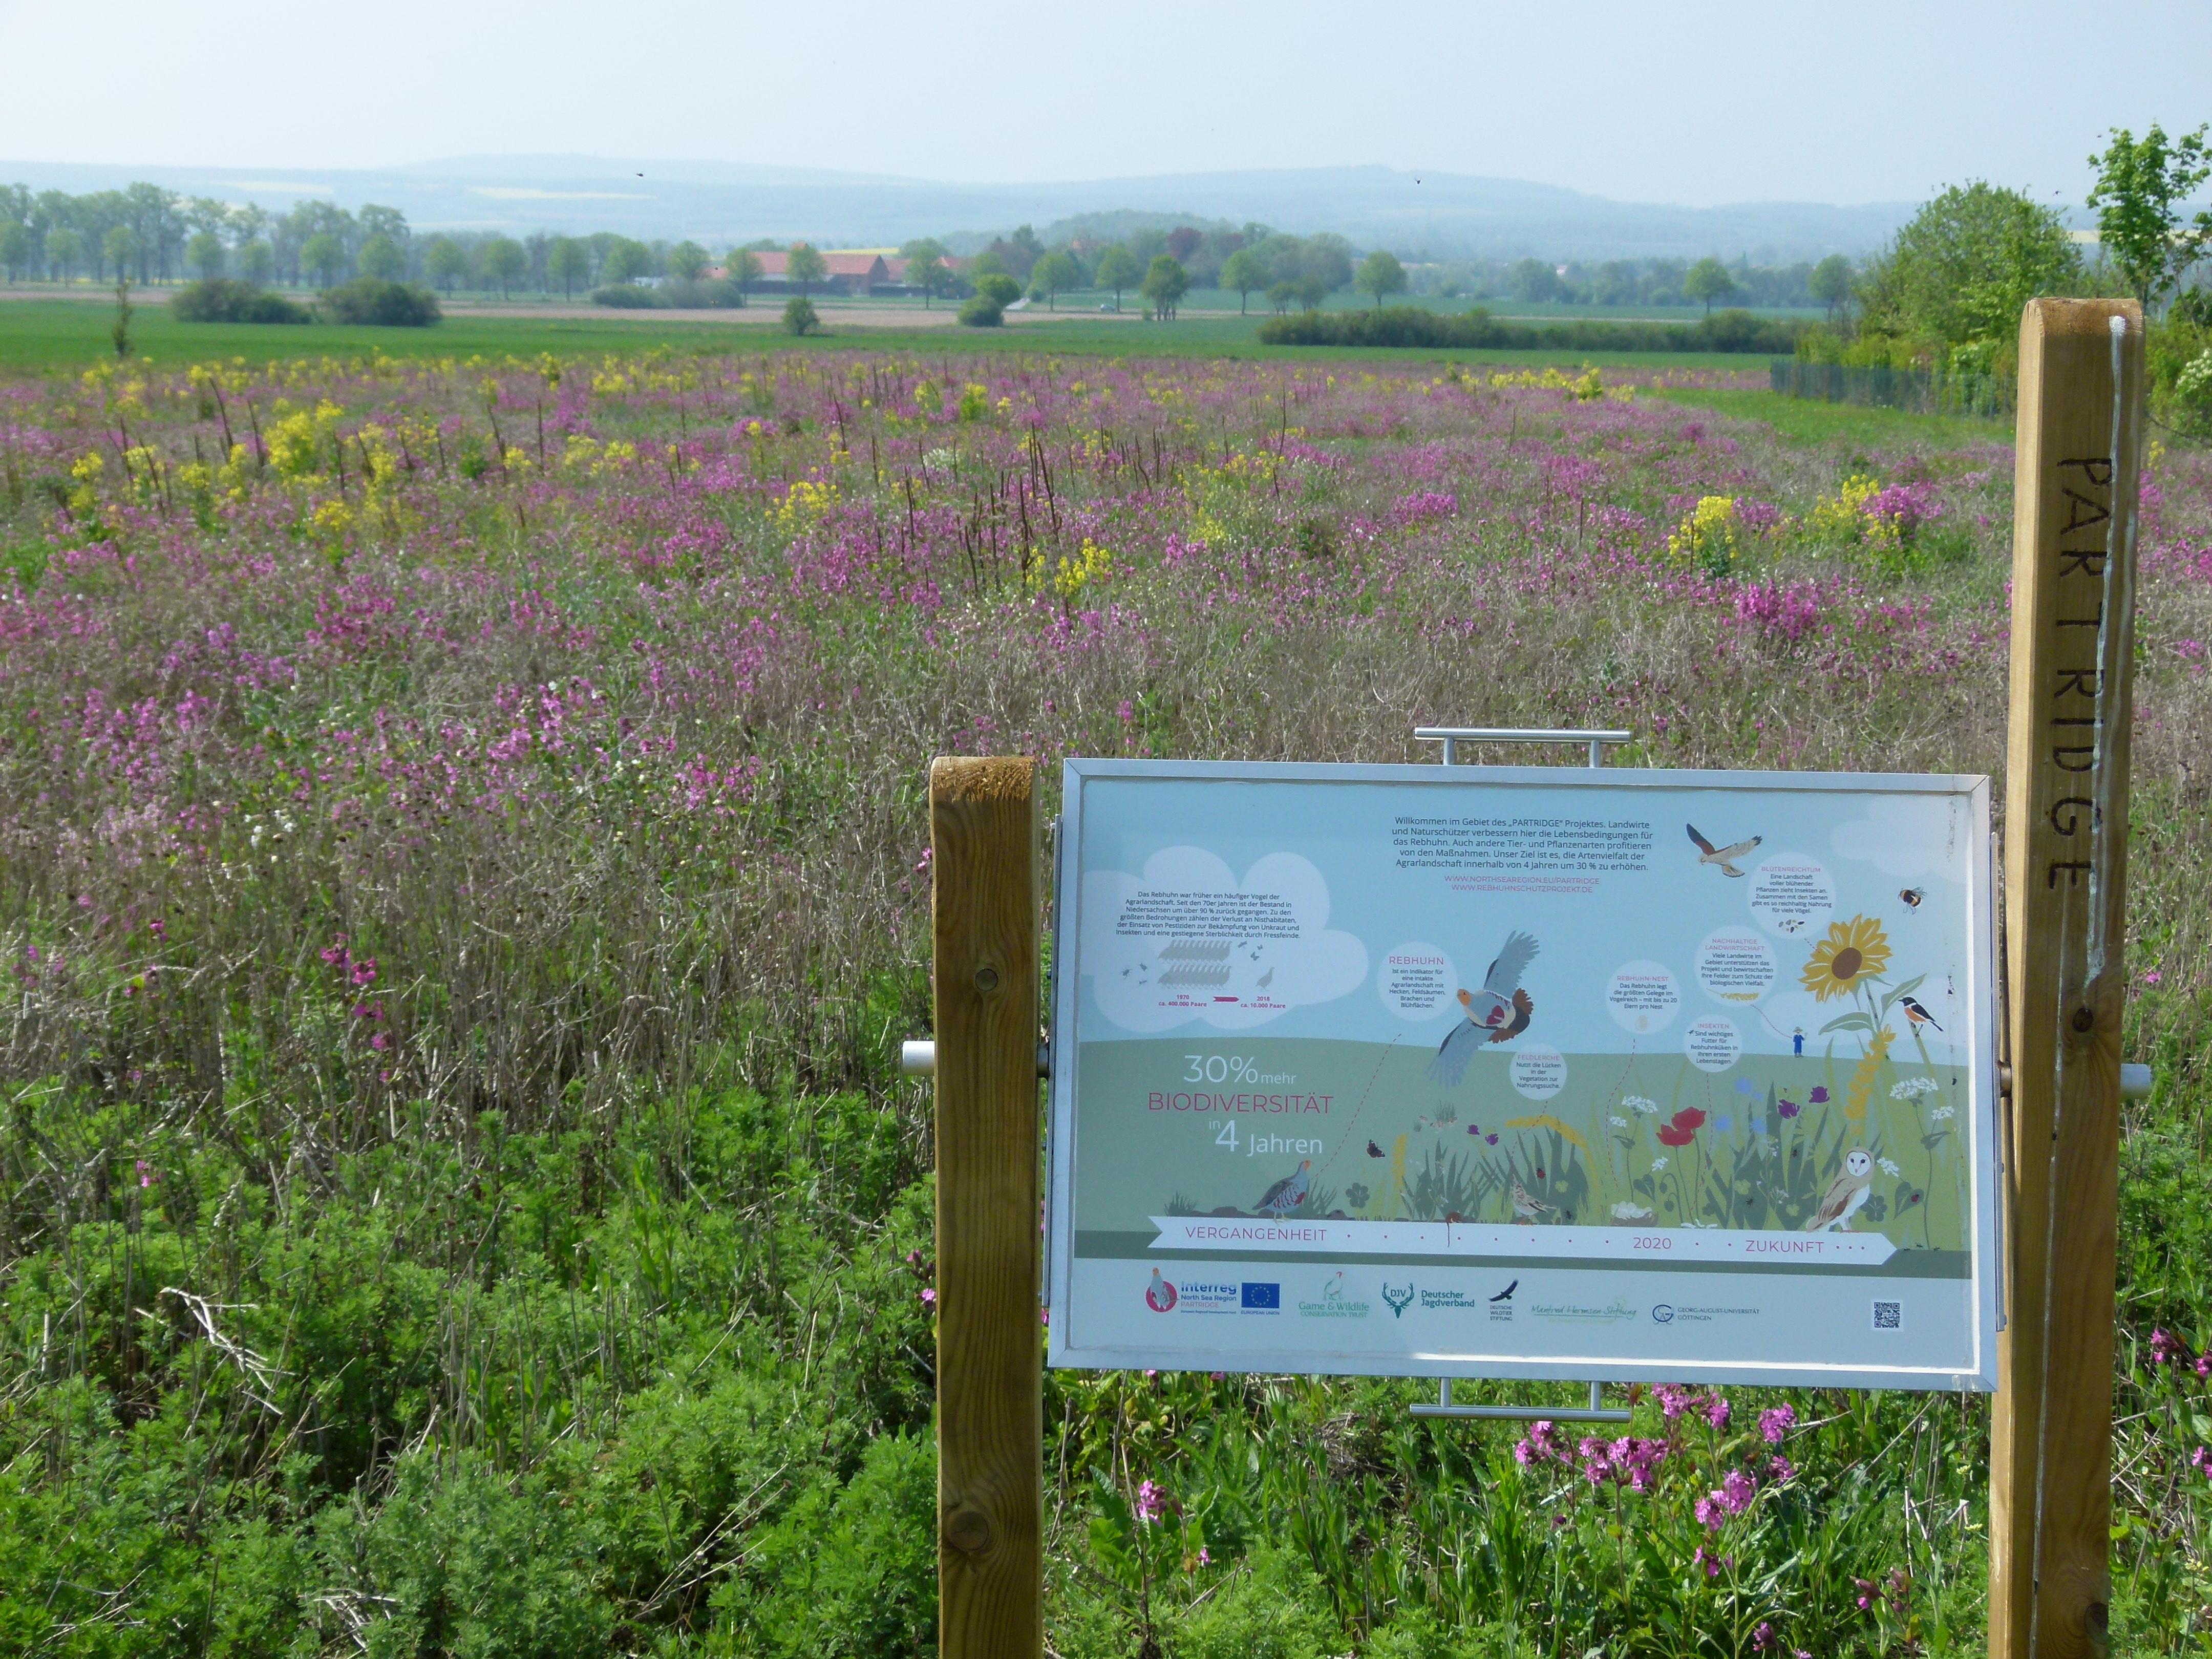 Bei PARTRIDGE stellen lokale Landwirte Flächen für den Schutz von Arten der Agrarlandschaft bereit (Quelle: DJV)